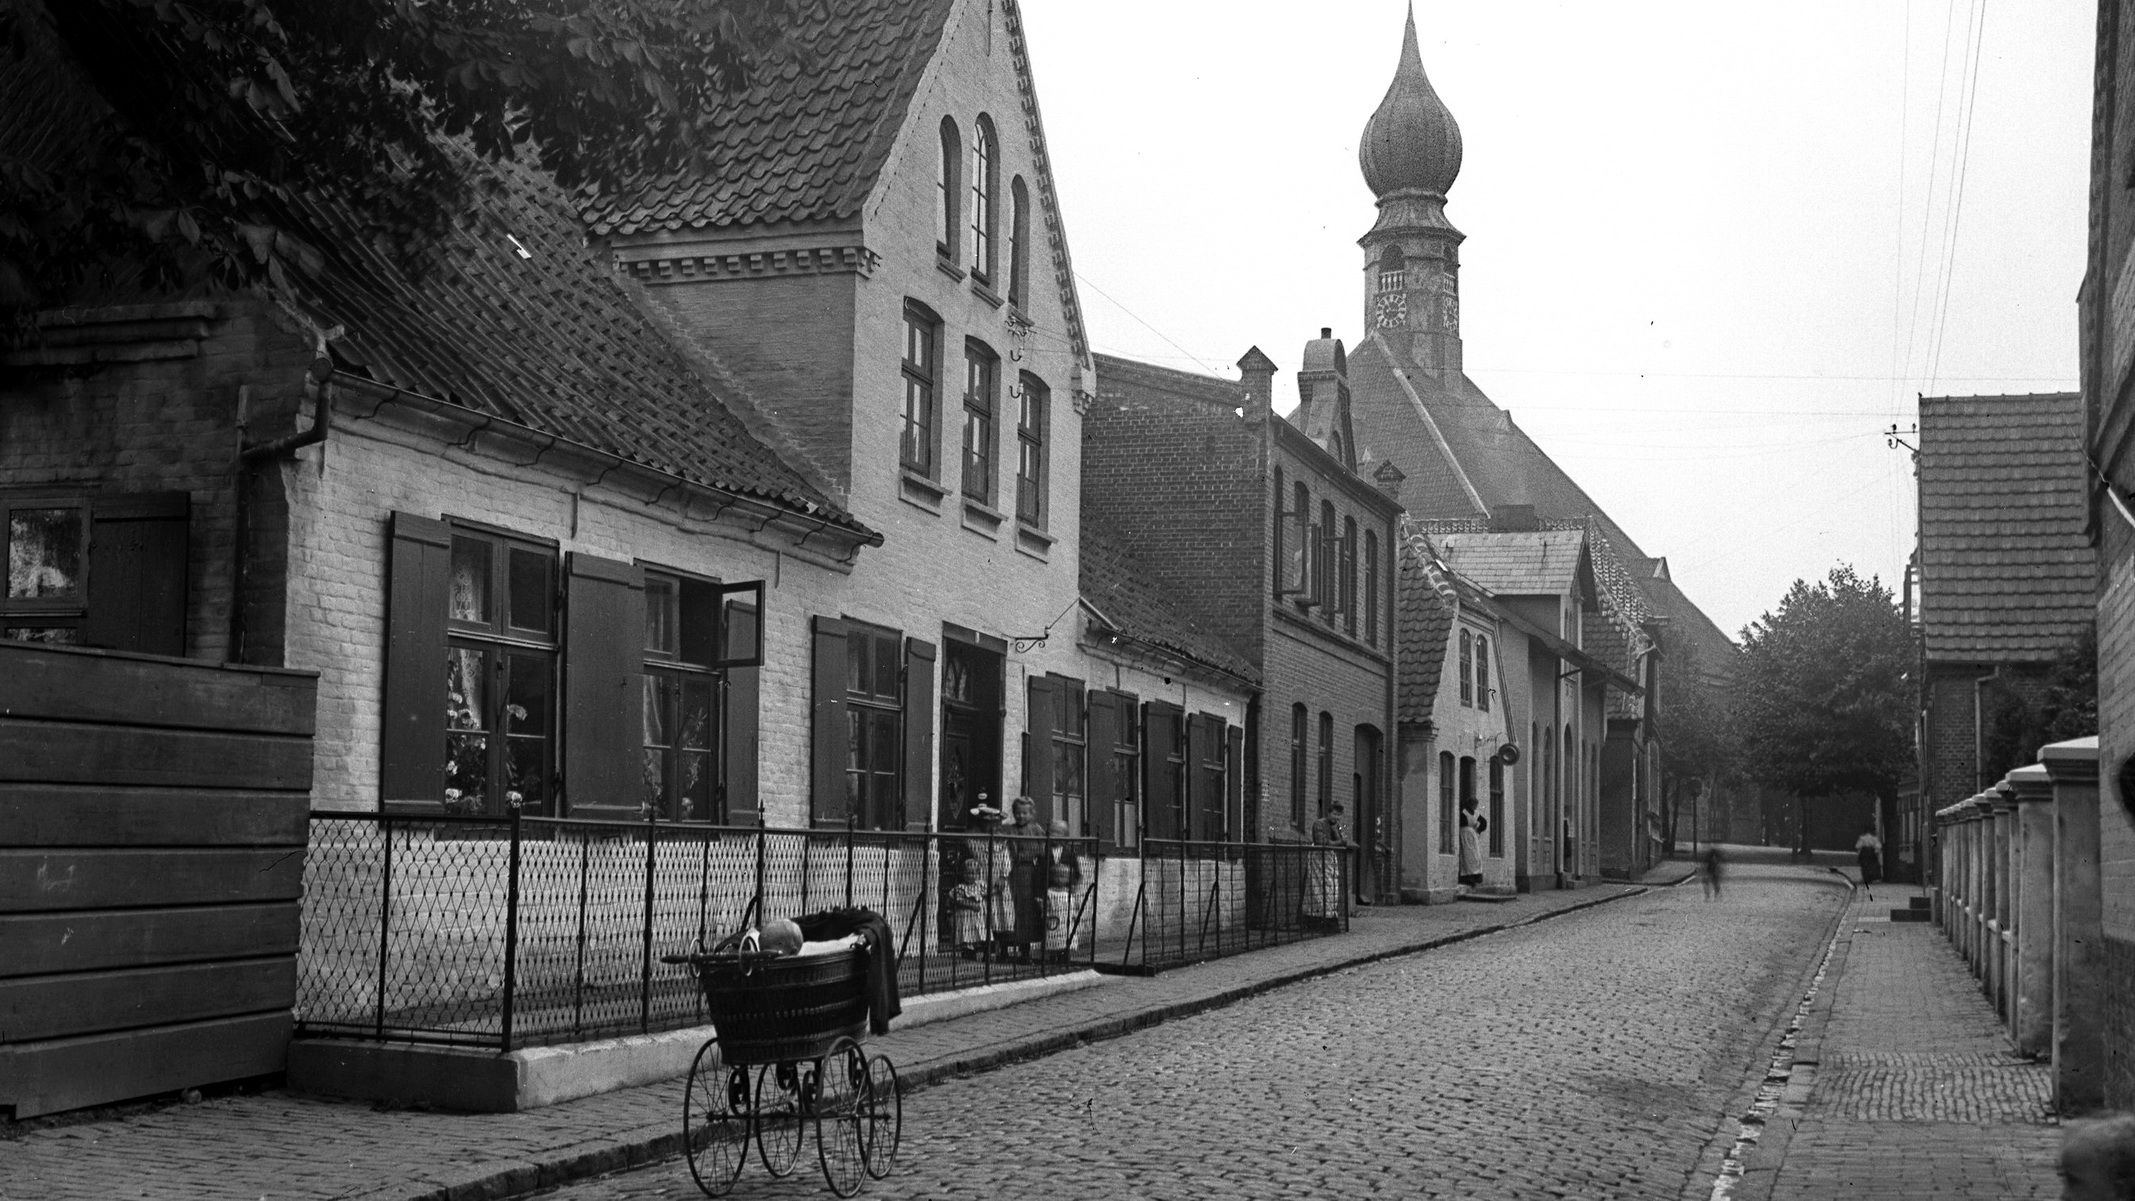 Blick in eine Straße in Wilster, Abbildung aus dem Theodor Möller-Buch